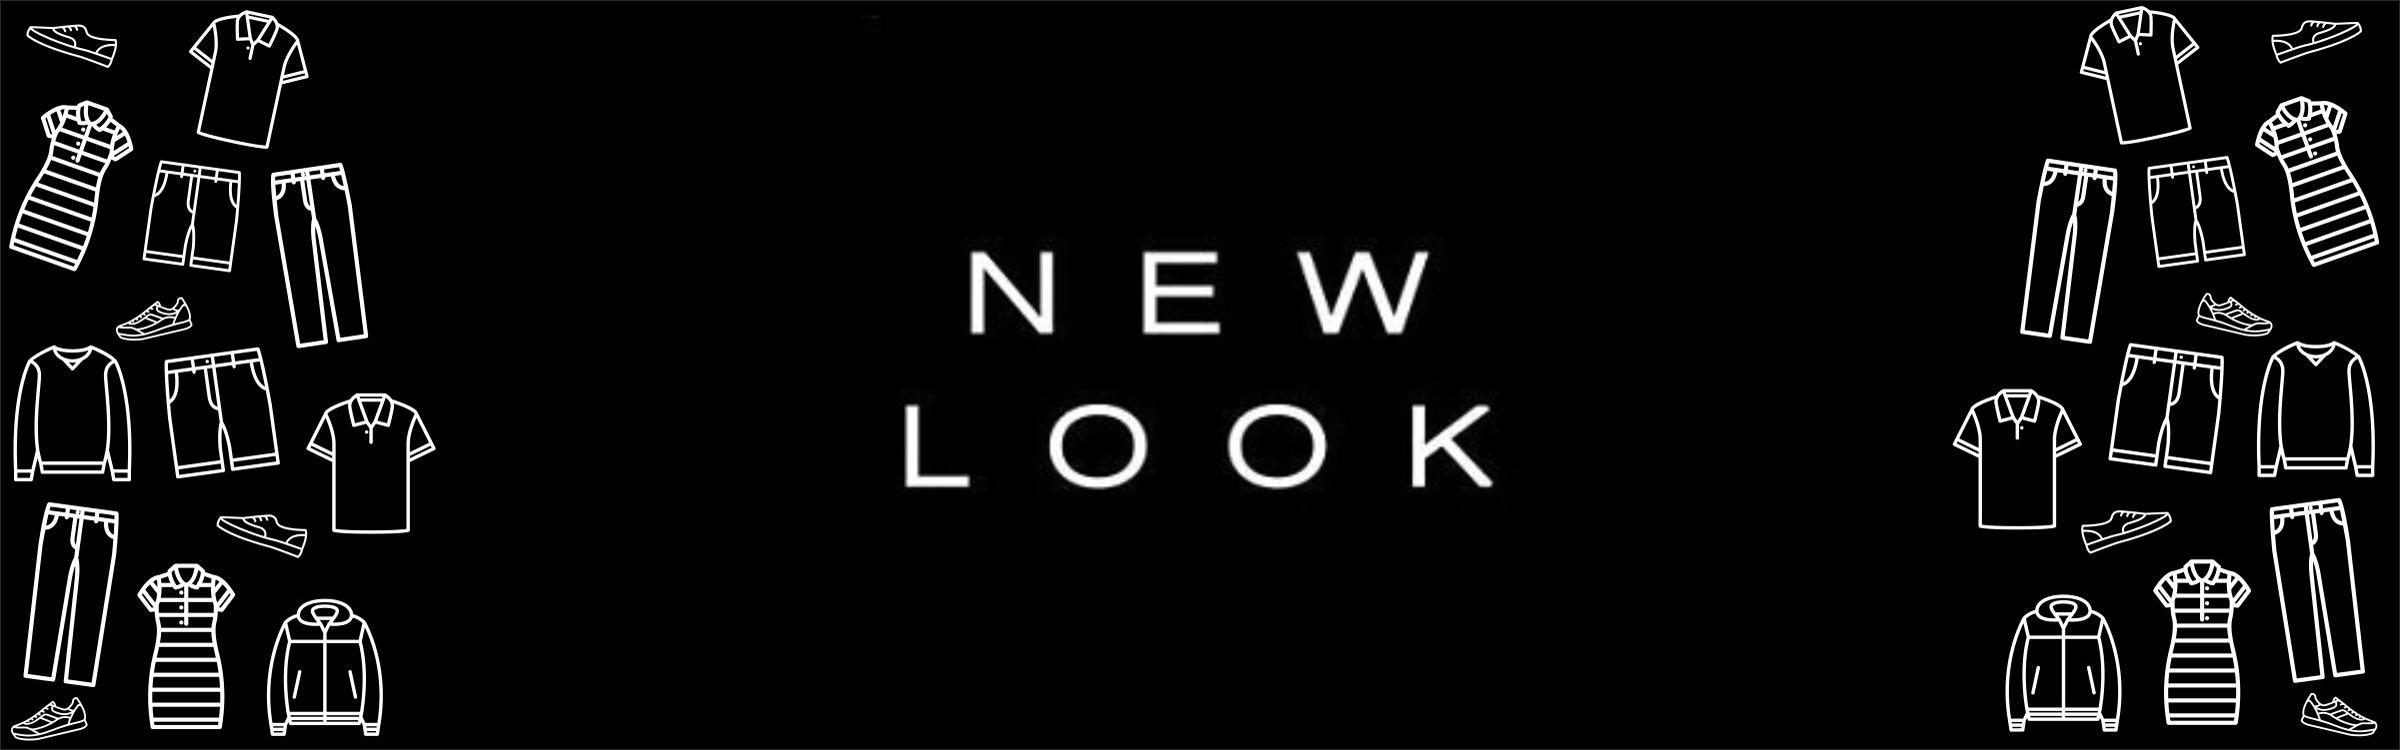 молодёжная одежда 'New Look - молодёжная одежда' в Смоленске. Главная страница